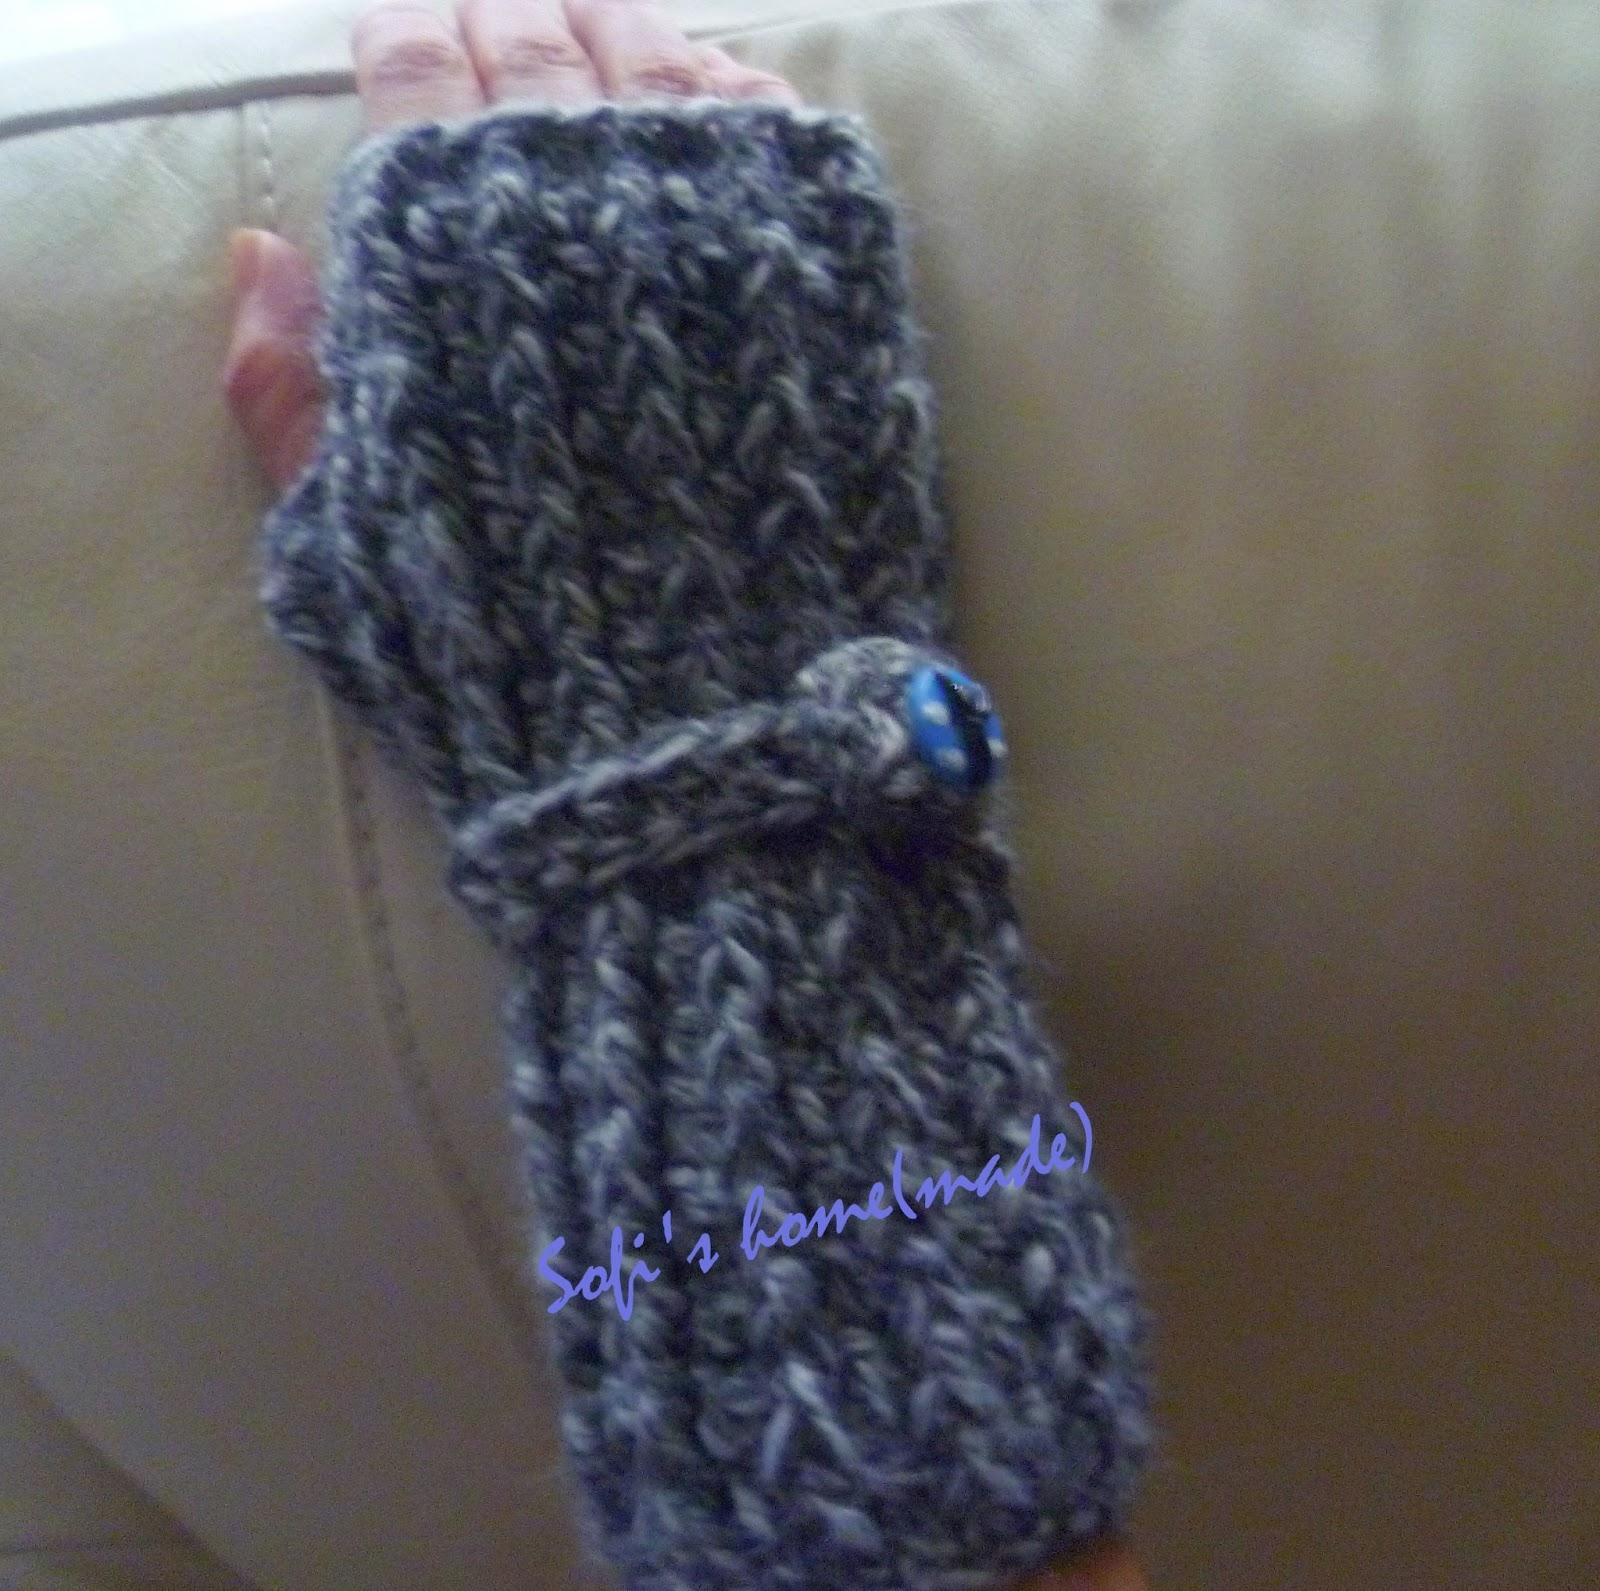 Sofi s home(made)!  Πλεκτά γάντια χωρίς δάχτυλα f4201a23d7e